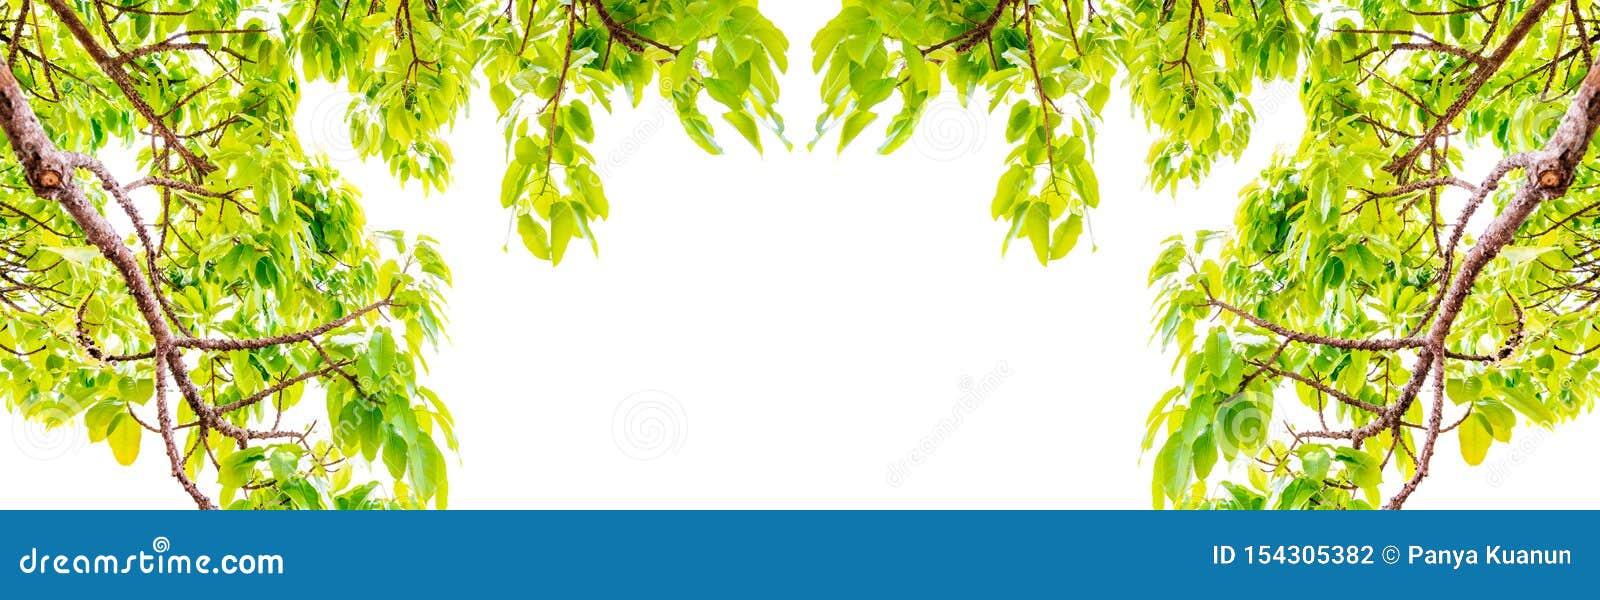 I rami di alberi freschi delle foglie incorniciano le belle foglie verdi isolate sull immagine di sfondo bianca per il fondo dell